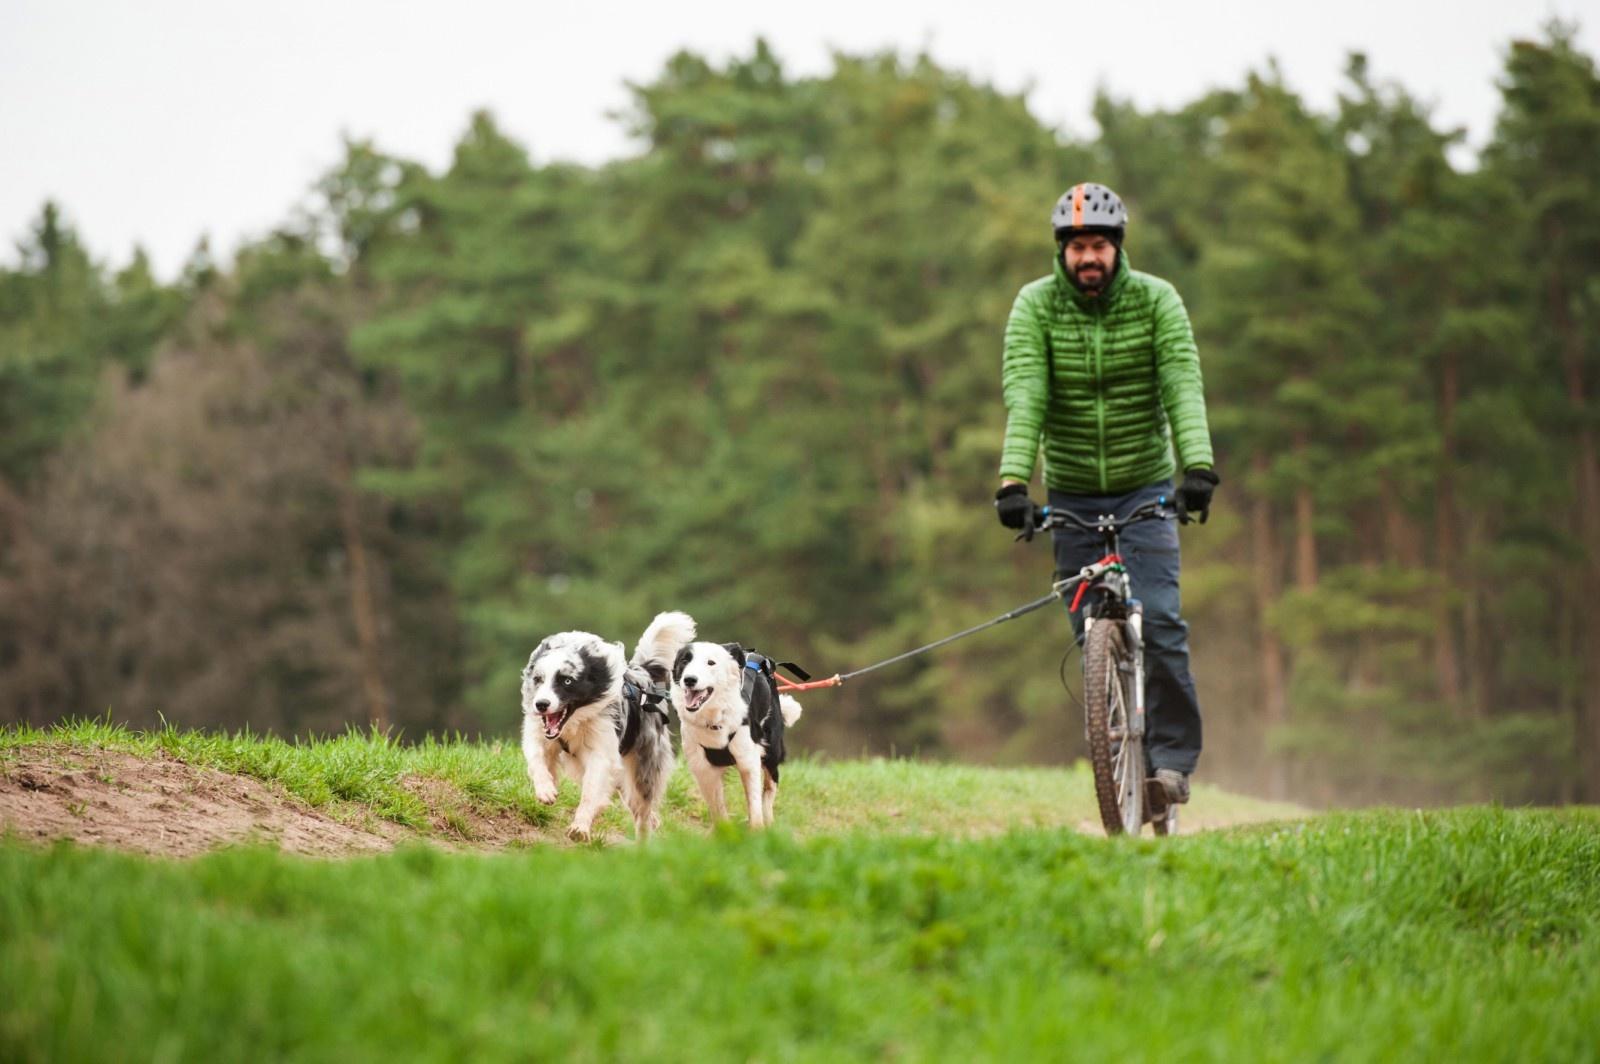 LasaLine X-Back harnais pour chien pour le vélo, ski-joering, scooter, traîneau - -en néon orange / noir - Copy